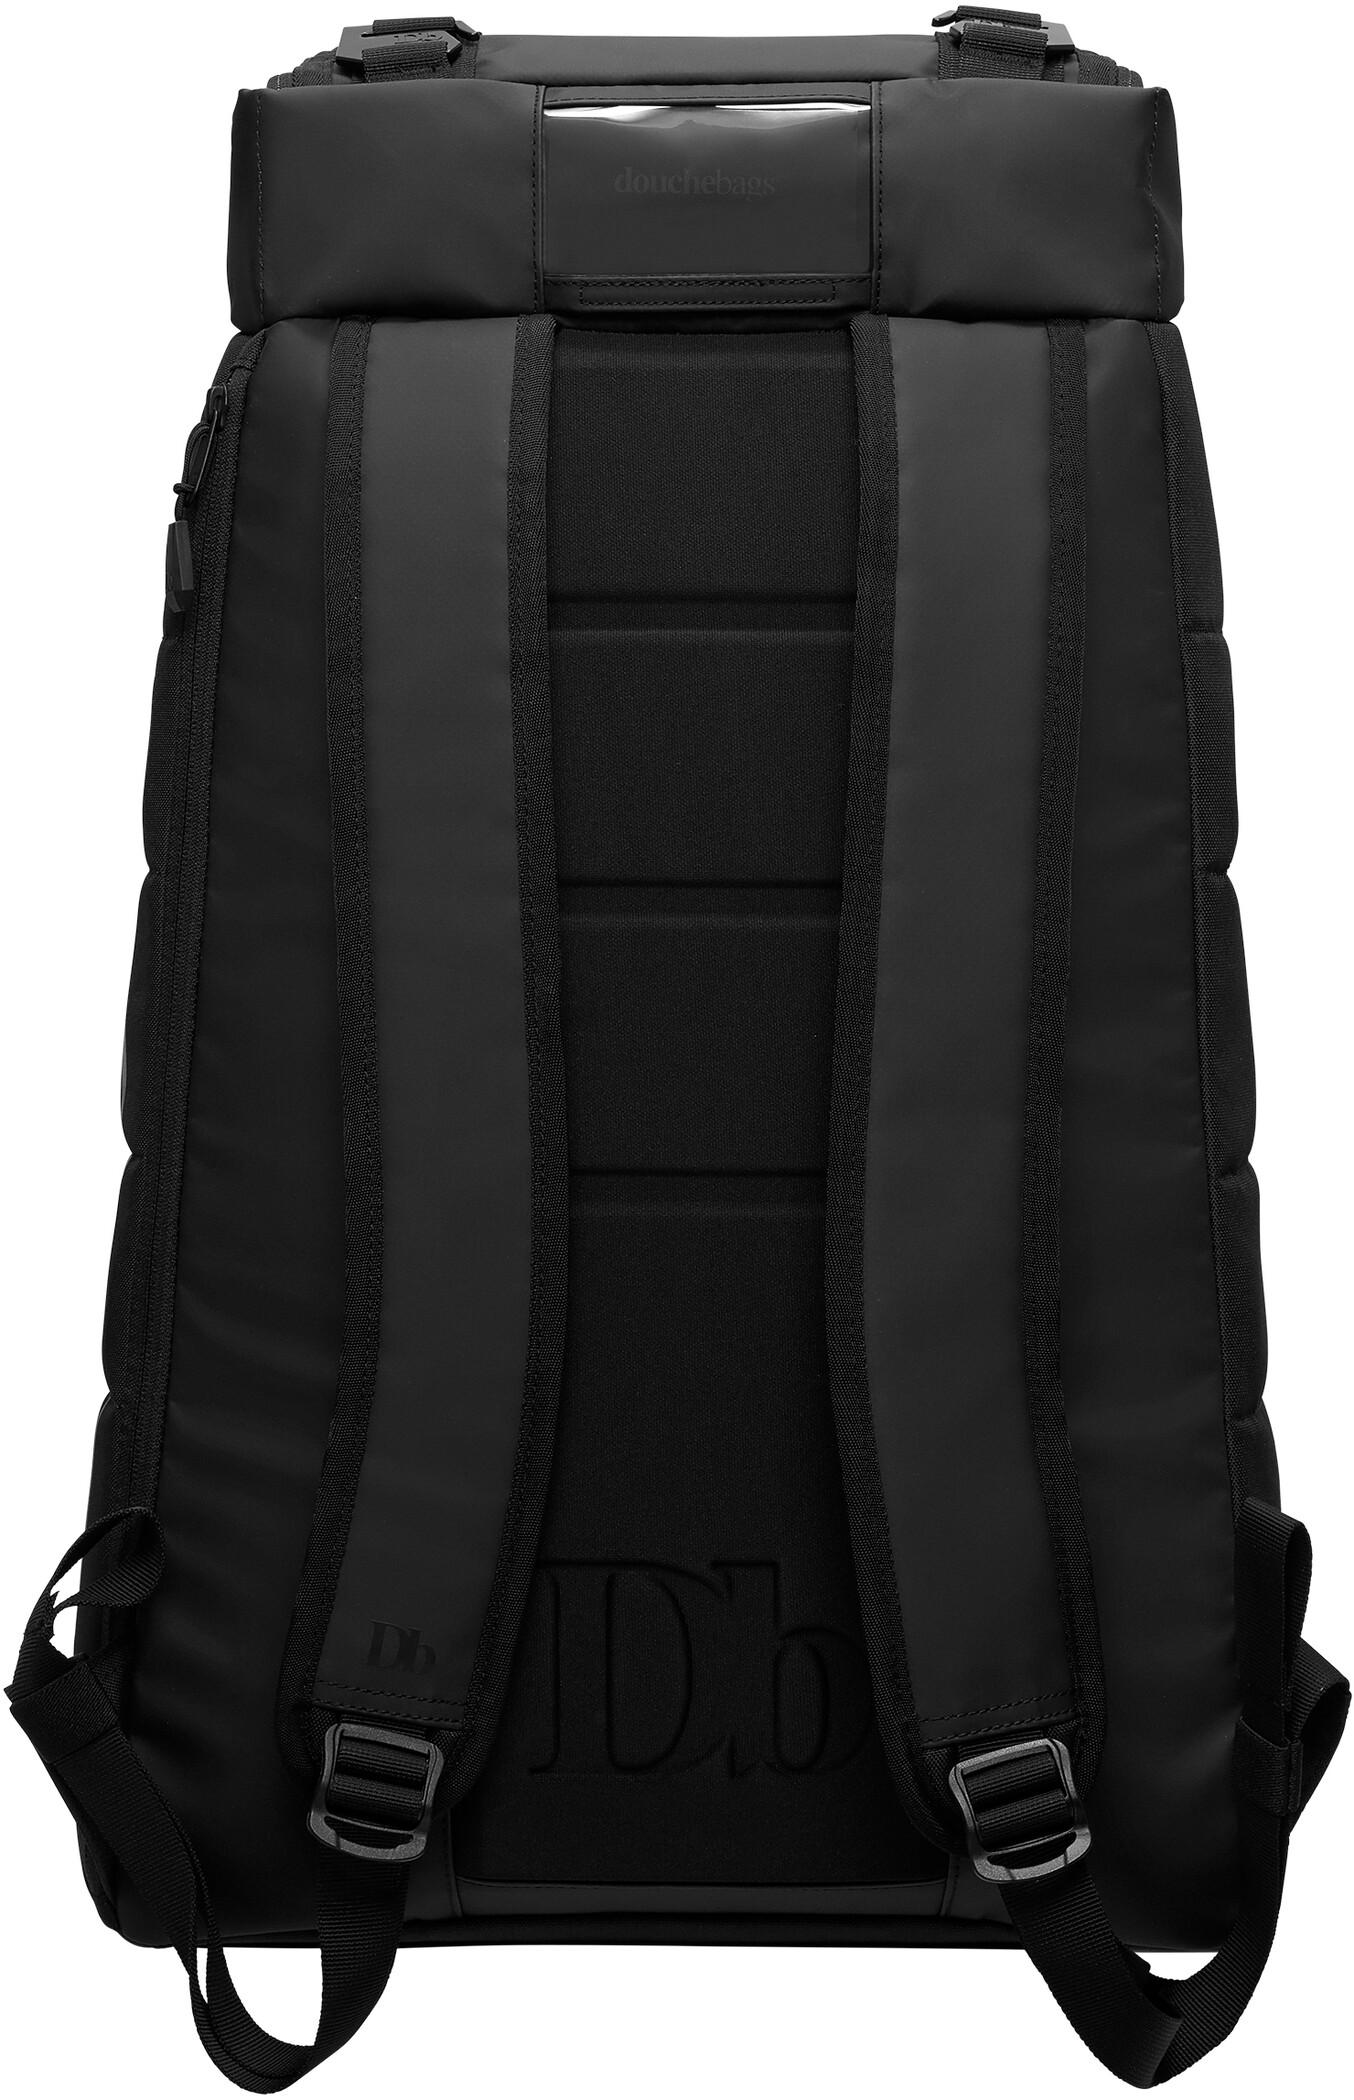 Douchebags The Hugger 30L Black Out • Se priser (17 butiker) »